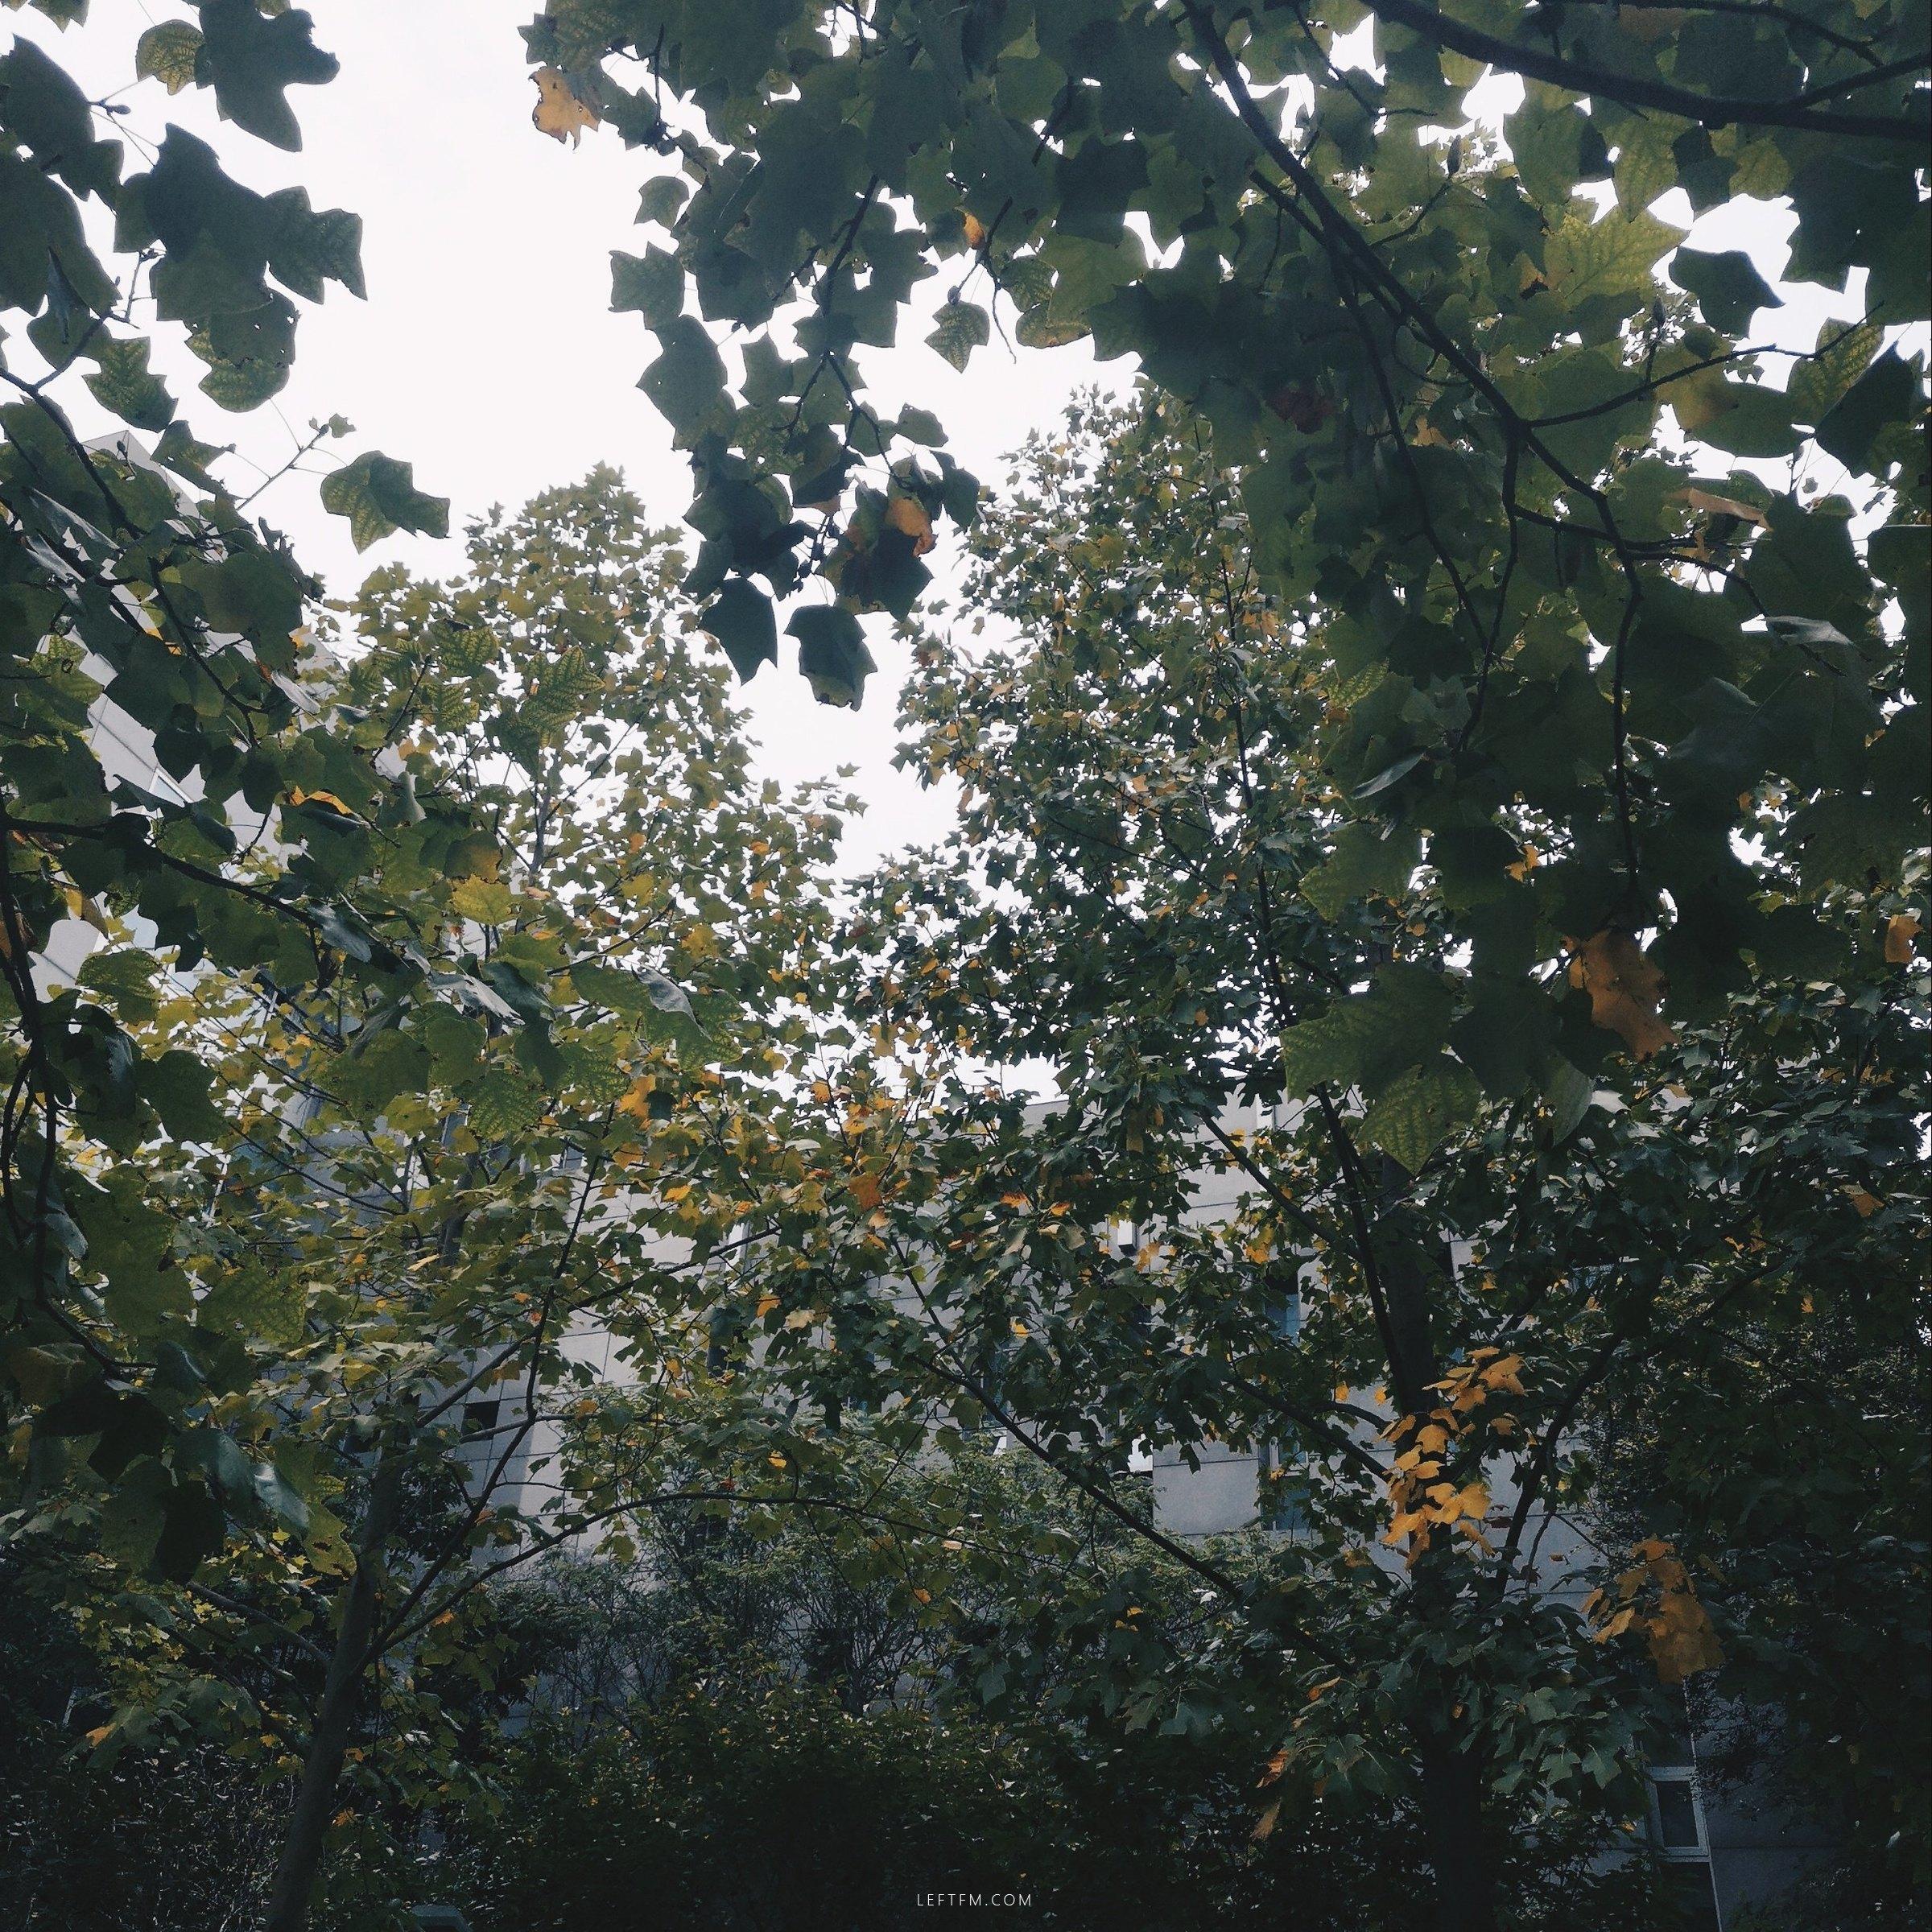 鹅掌楸就是这样的树